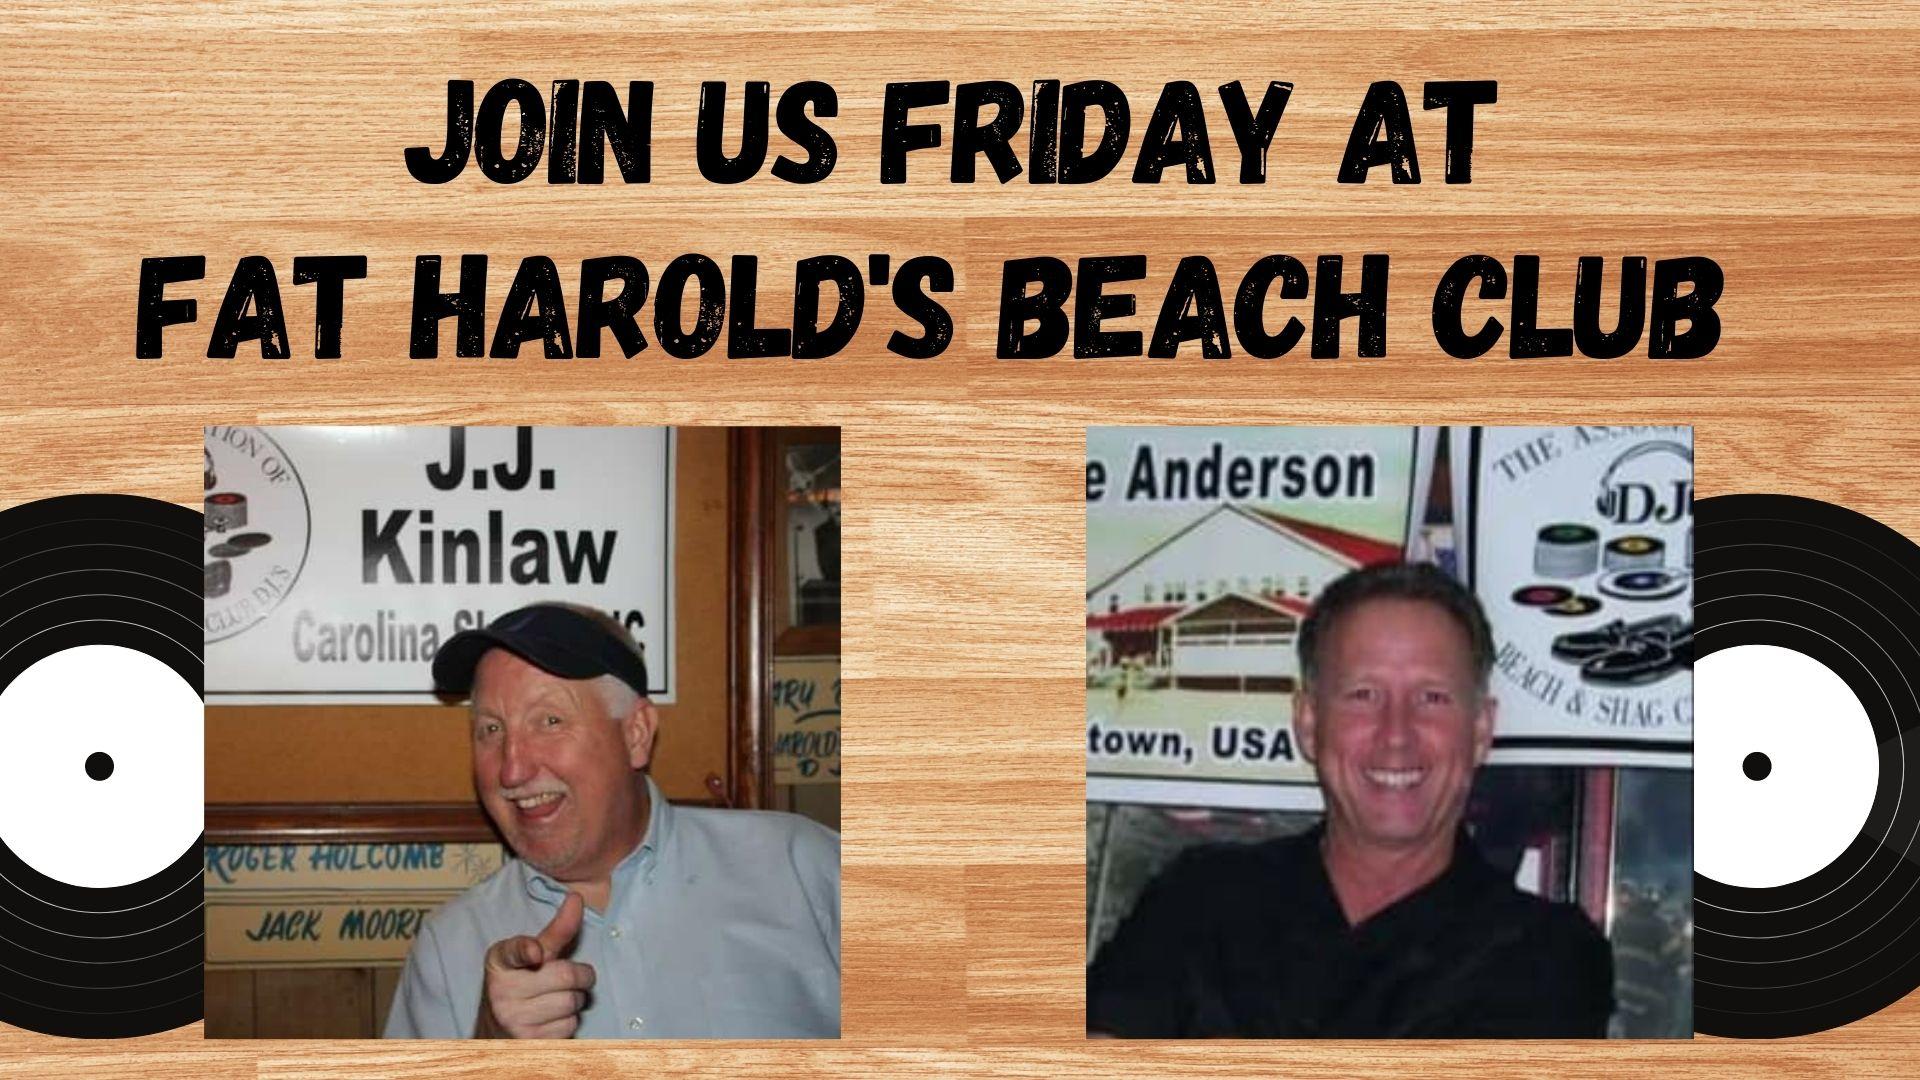 Friday Night at Fat Harold's!